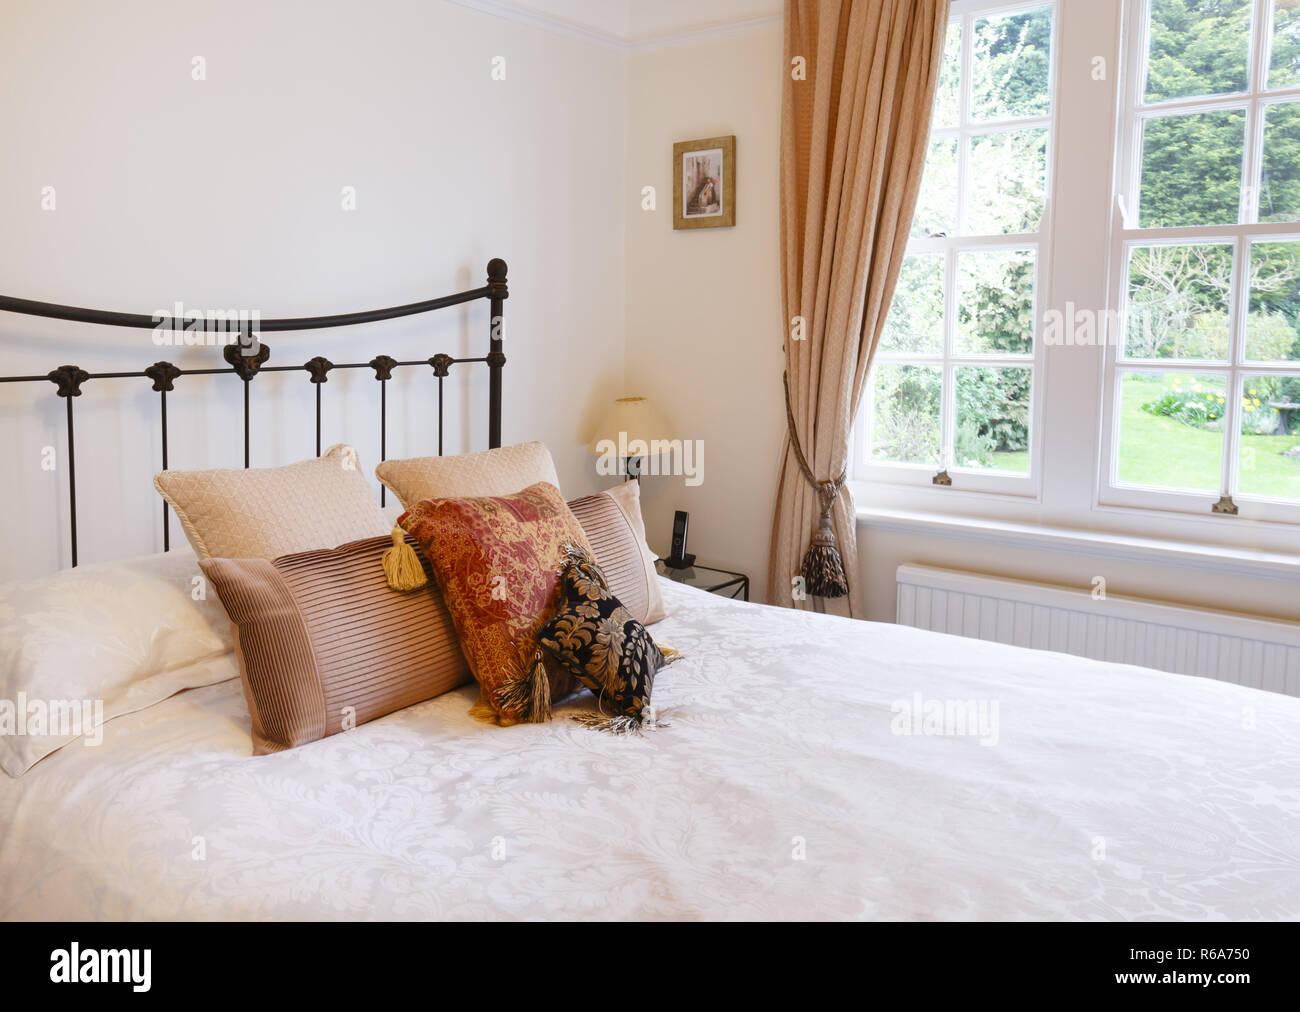 Schlafzimmer Interieur im traditionellen Stil englischen Haus mit luxuriösen Textilien Stockbild